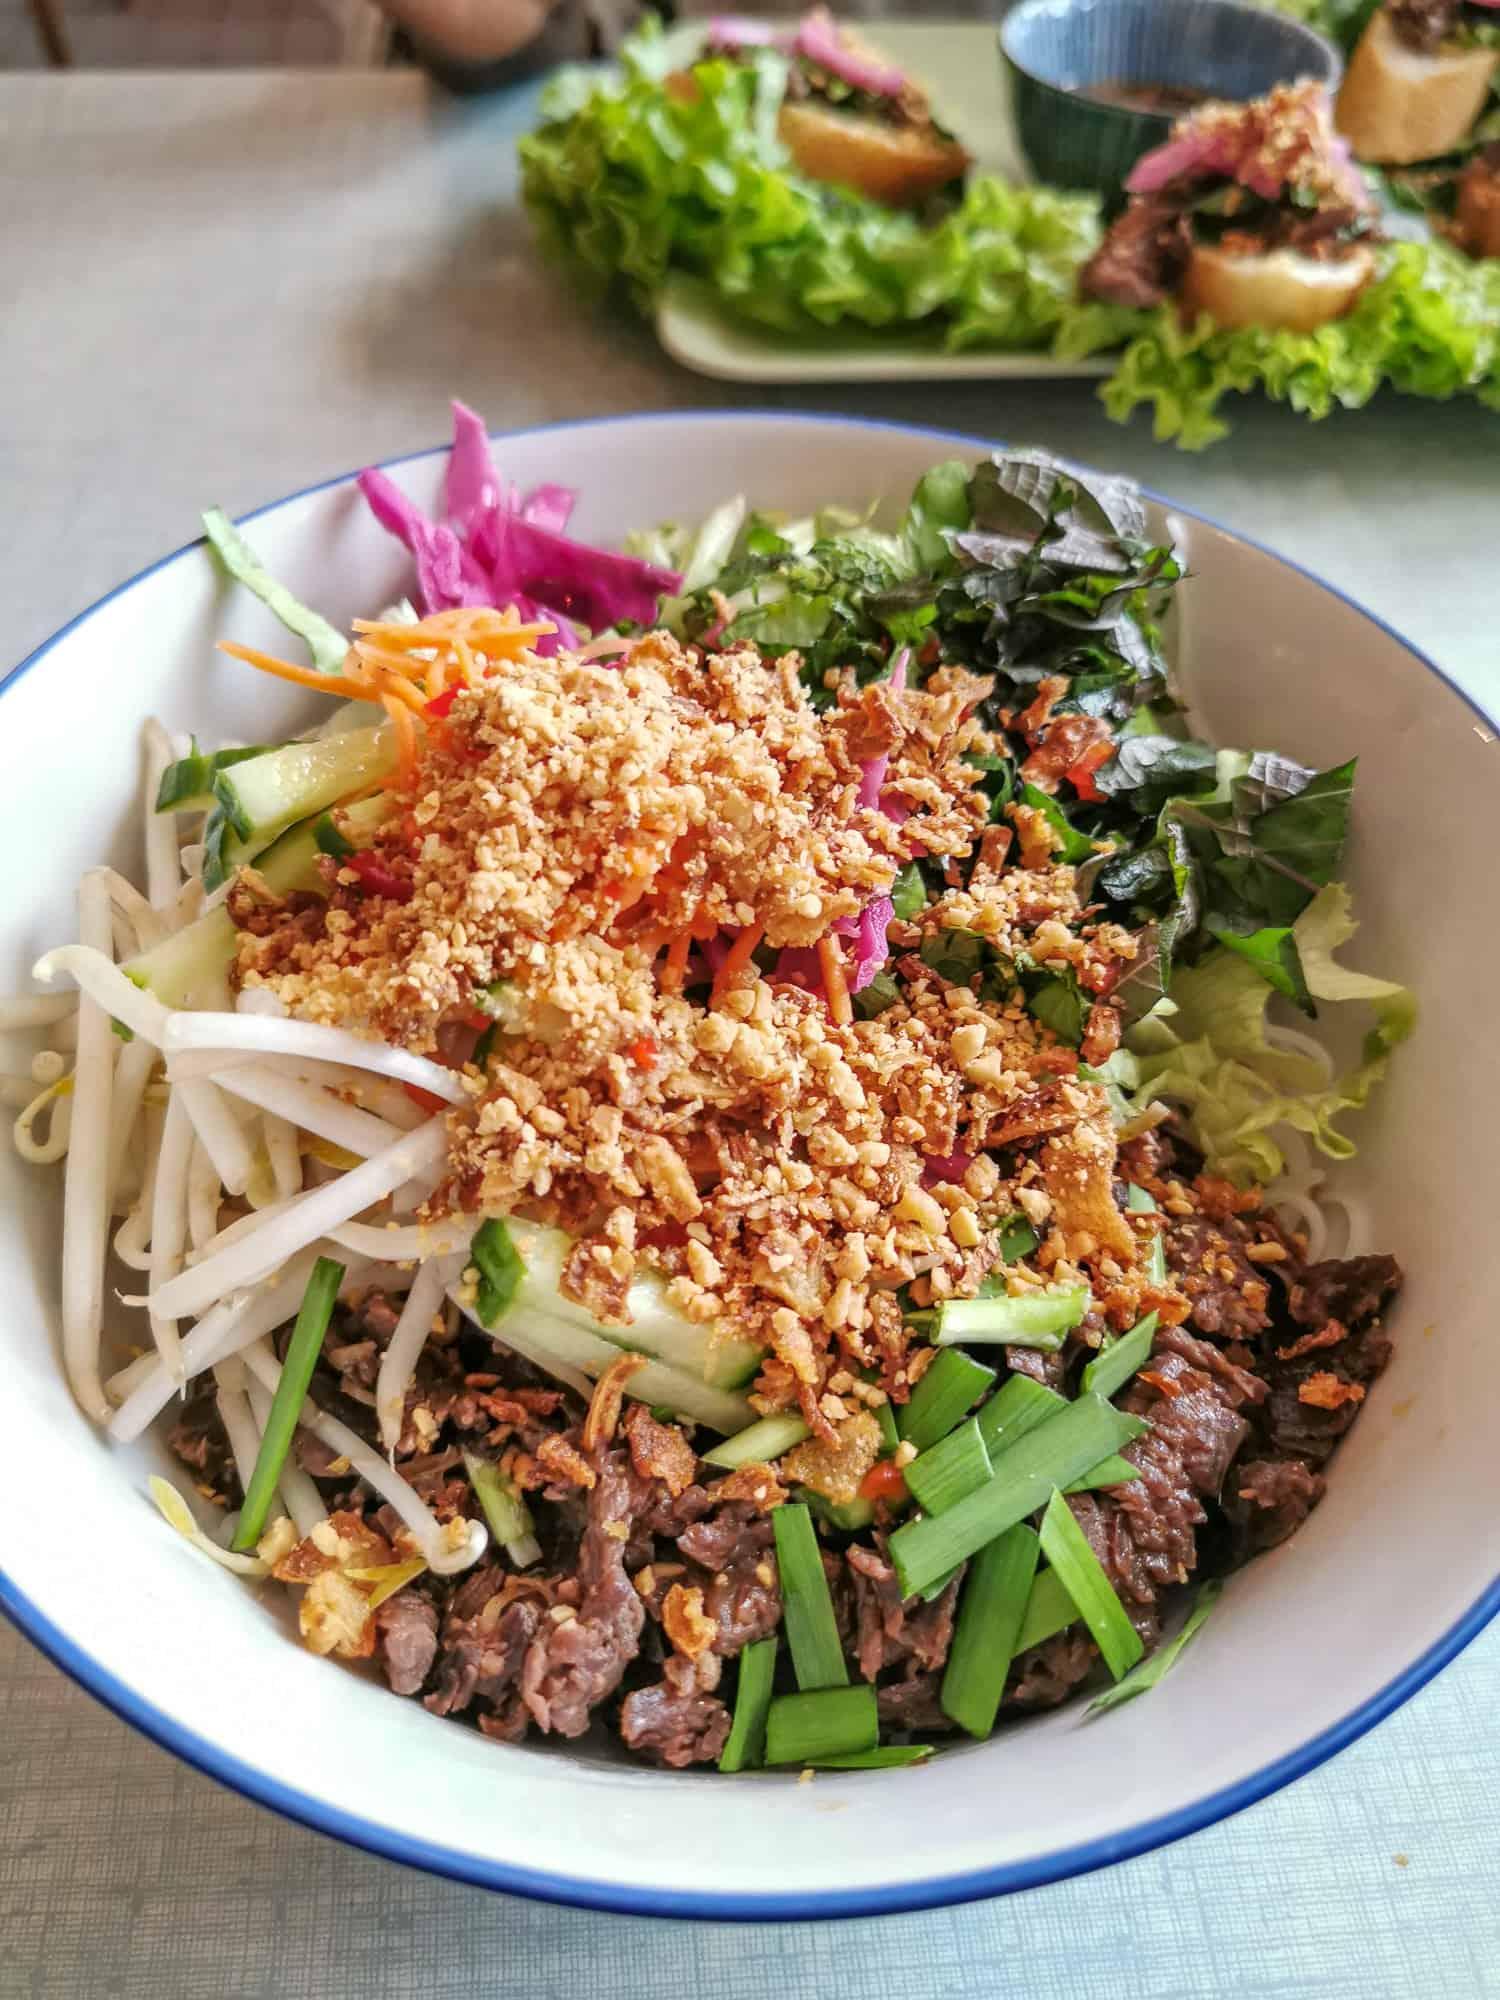 ca-phe-broc-ouest-restaurant-vietnamien-paris-14-bouiboui-32